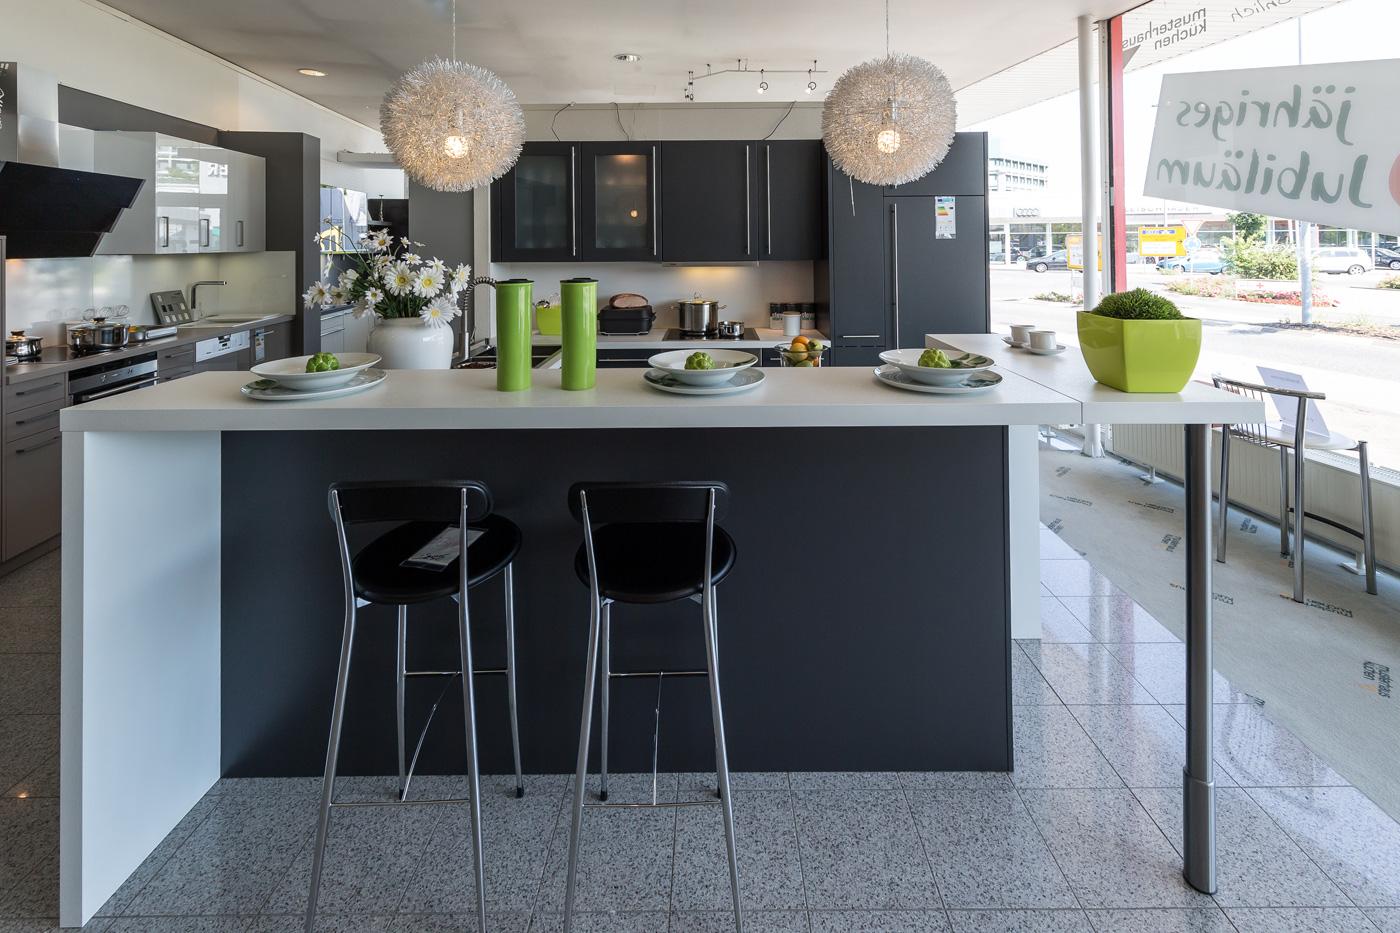 Küchen Bad Kreuznach küchenausstellung in bad kreuznach besuchen sie uns